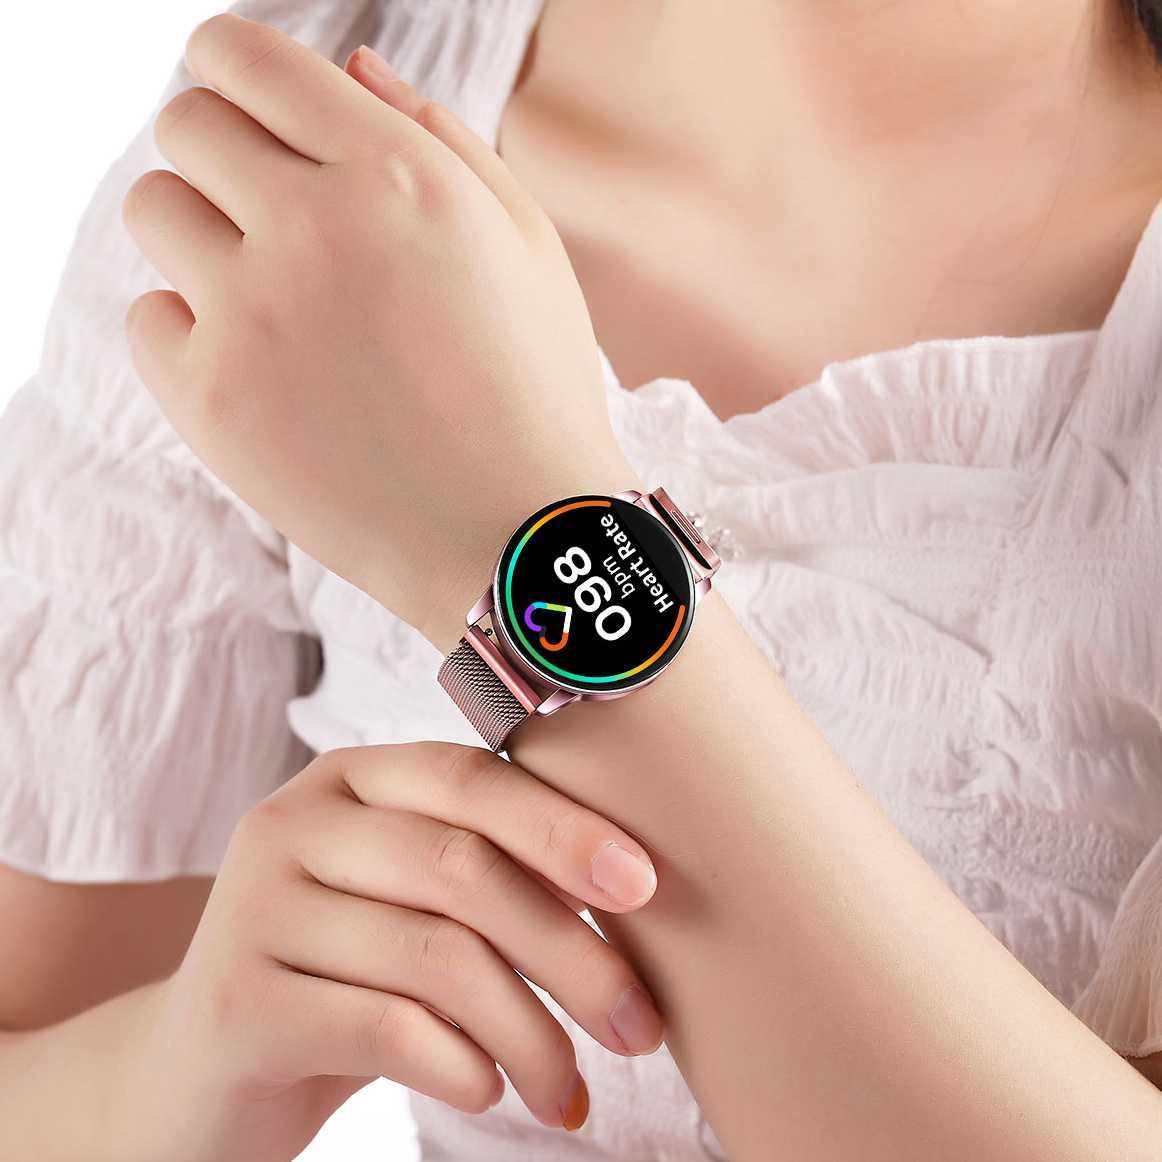 ل Q20 Q9 Q8 سوار ذكي معصمه الأصلي Newwear ساعة ذكية استبدال الفولاذ المقاوم للصدأ حزام الساعات شريط للرسغ الرجال النساء